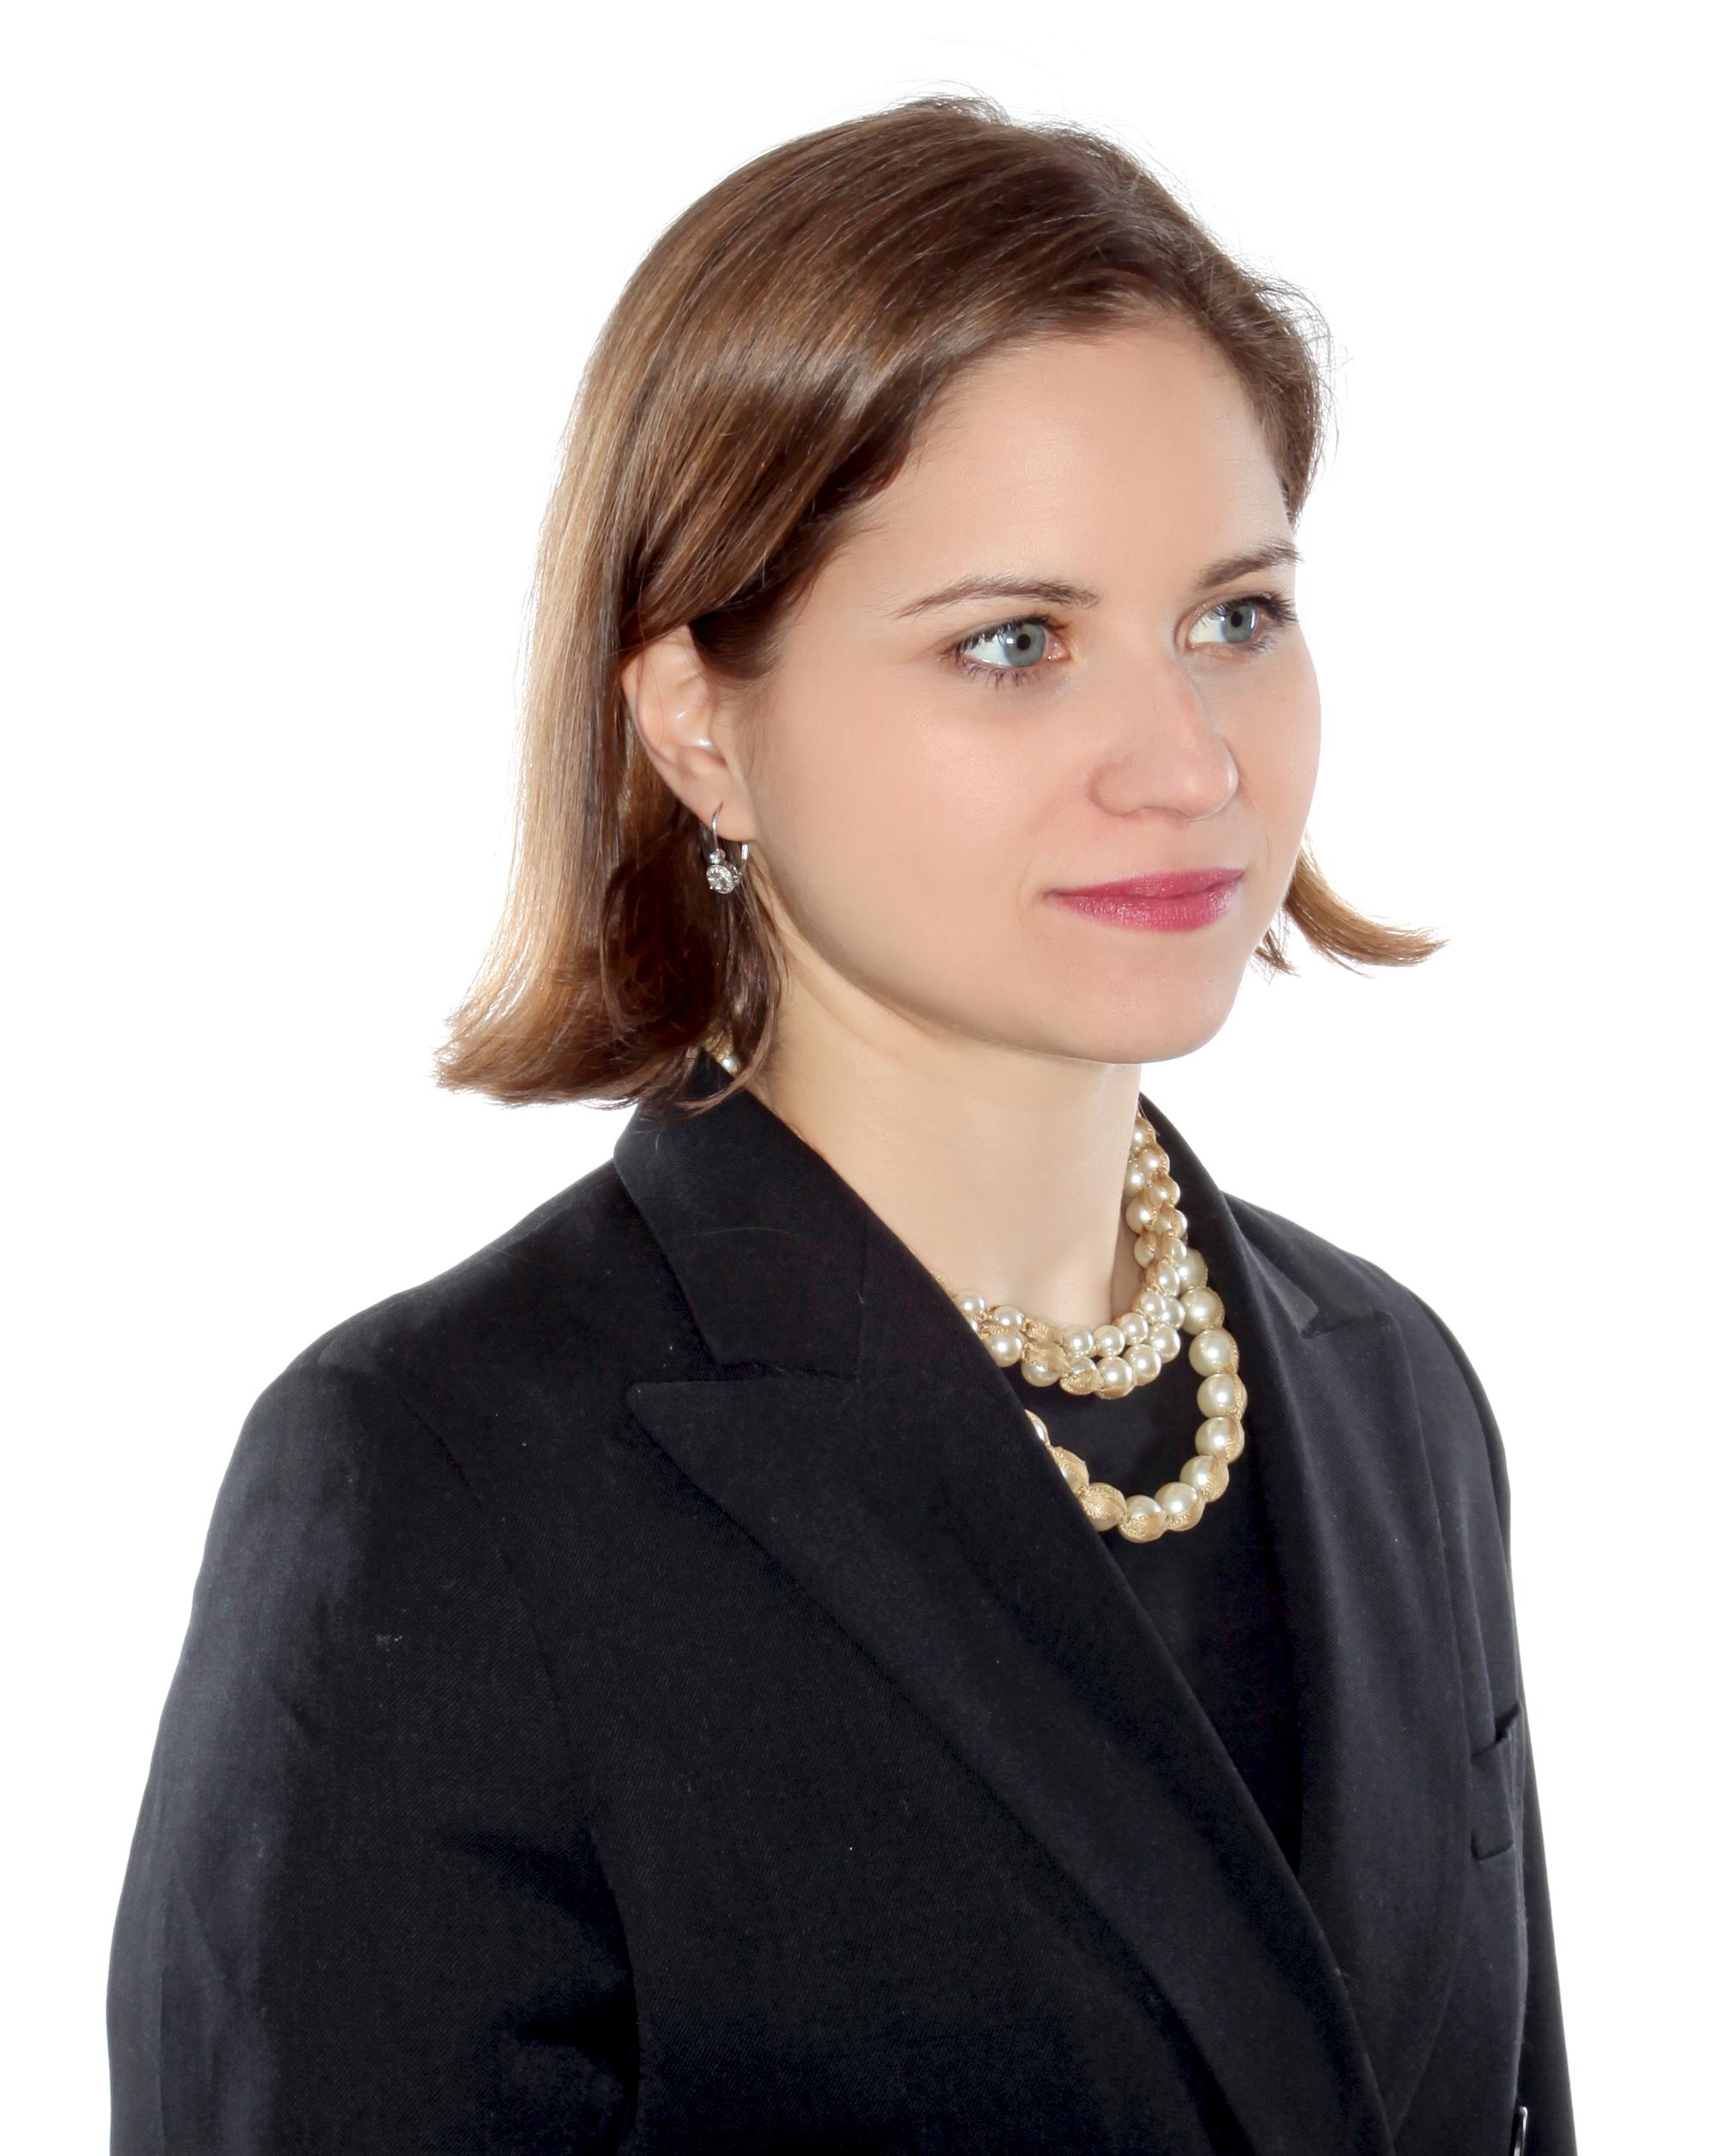 Randi Joy Epstein